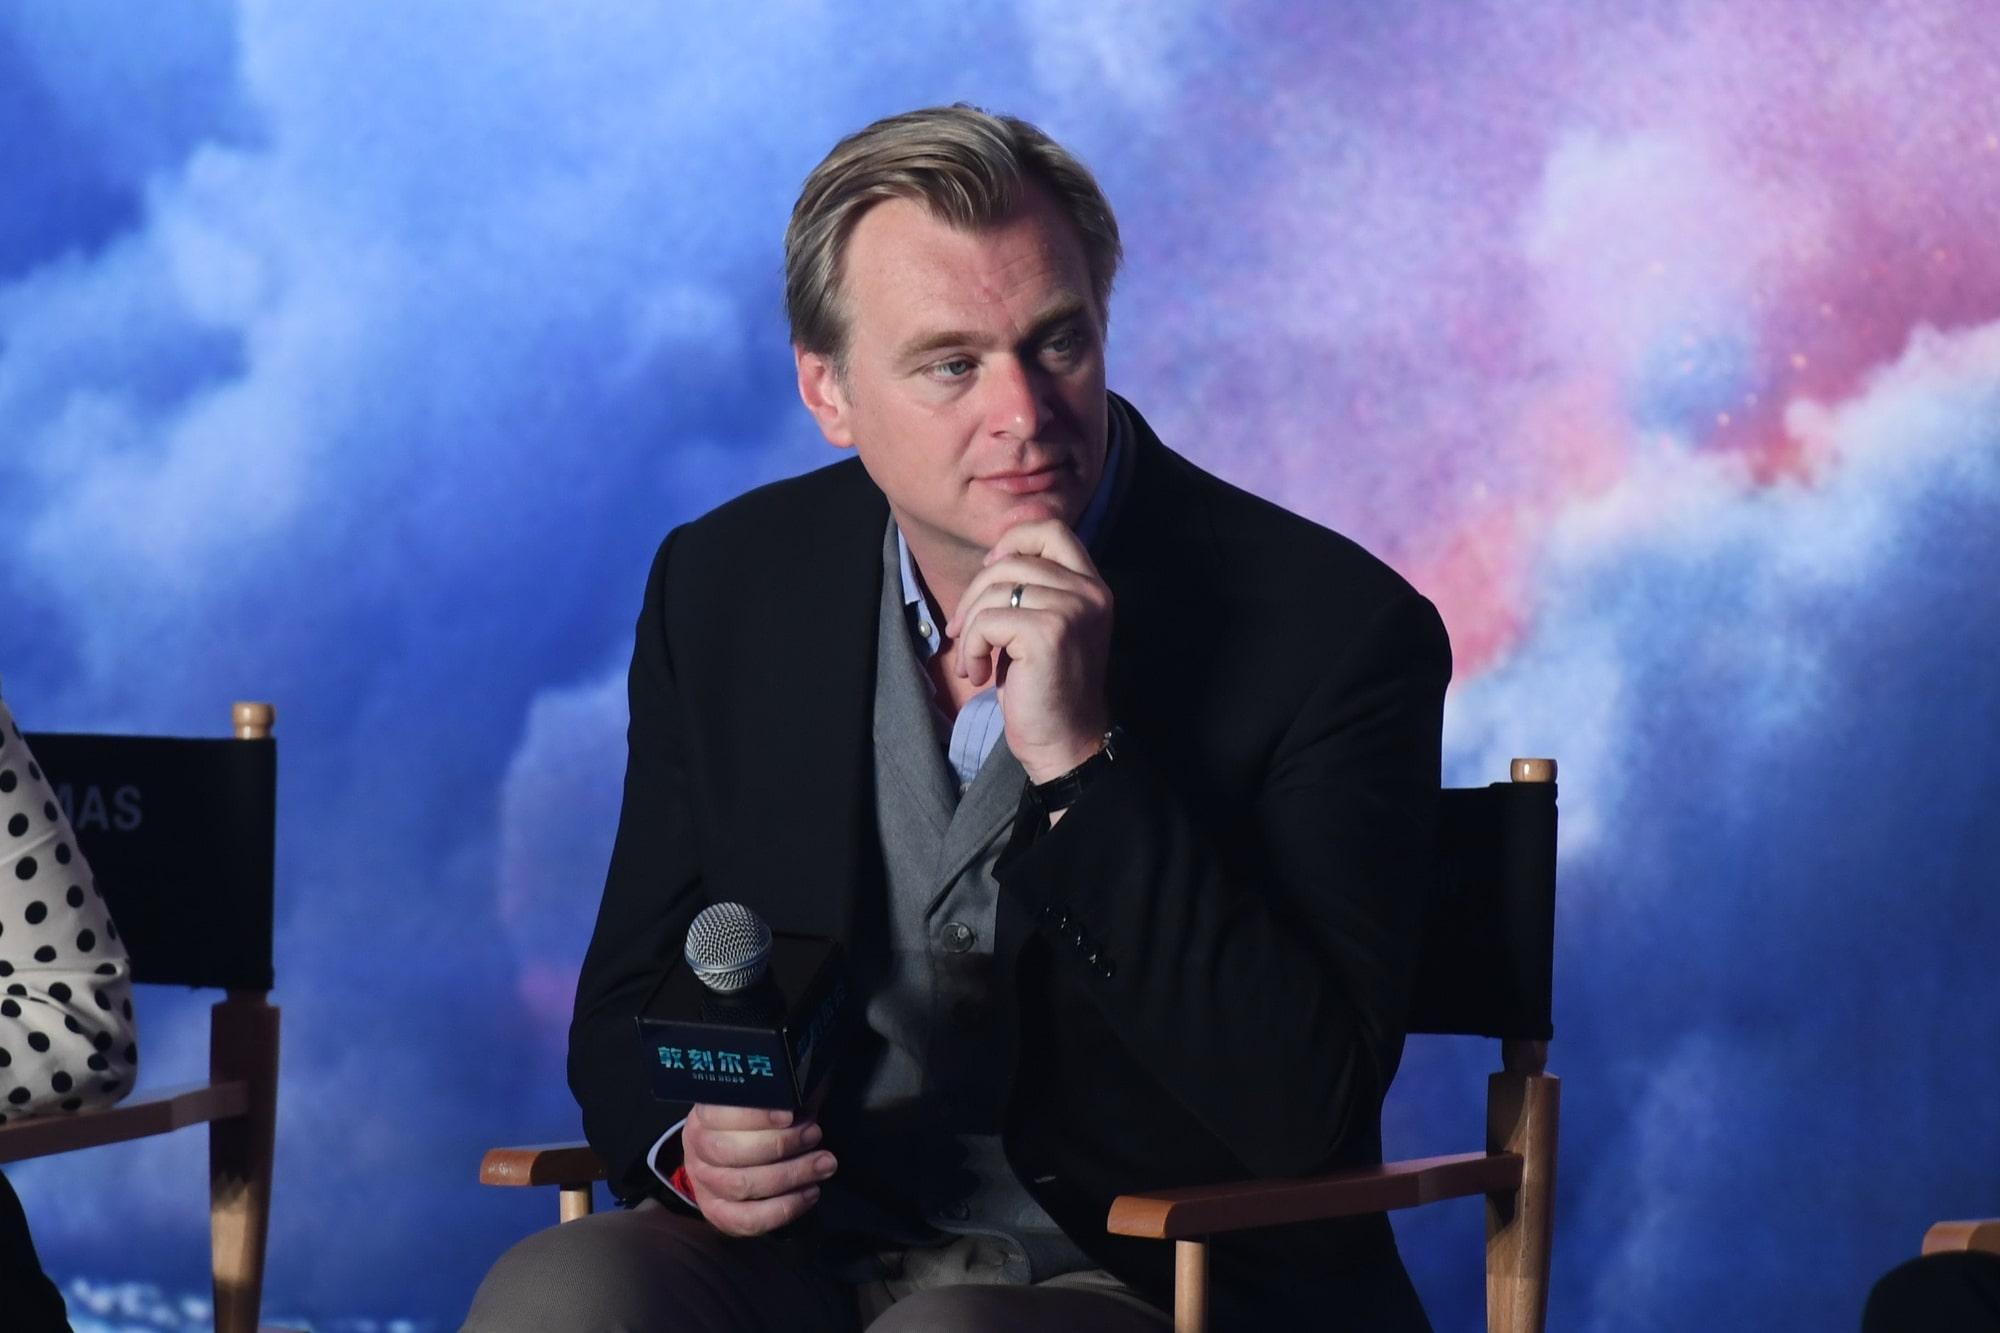 Ричард Келли рассказал, что Кристофер Нолан подсказал ему одну из идей фильма «Донни Дарко»